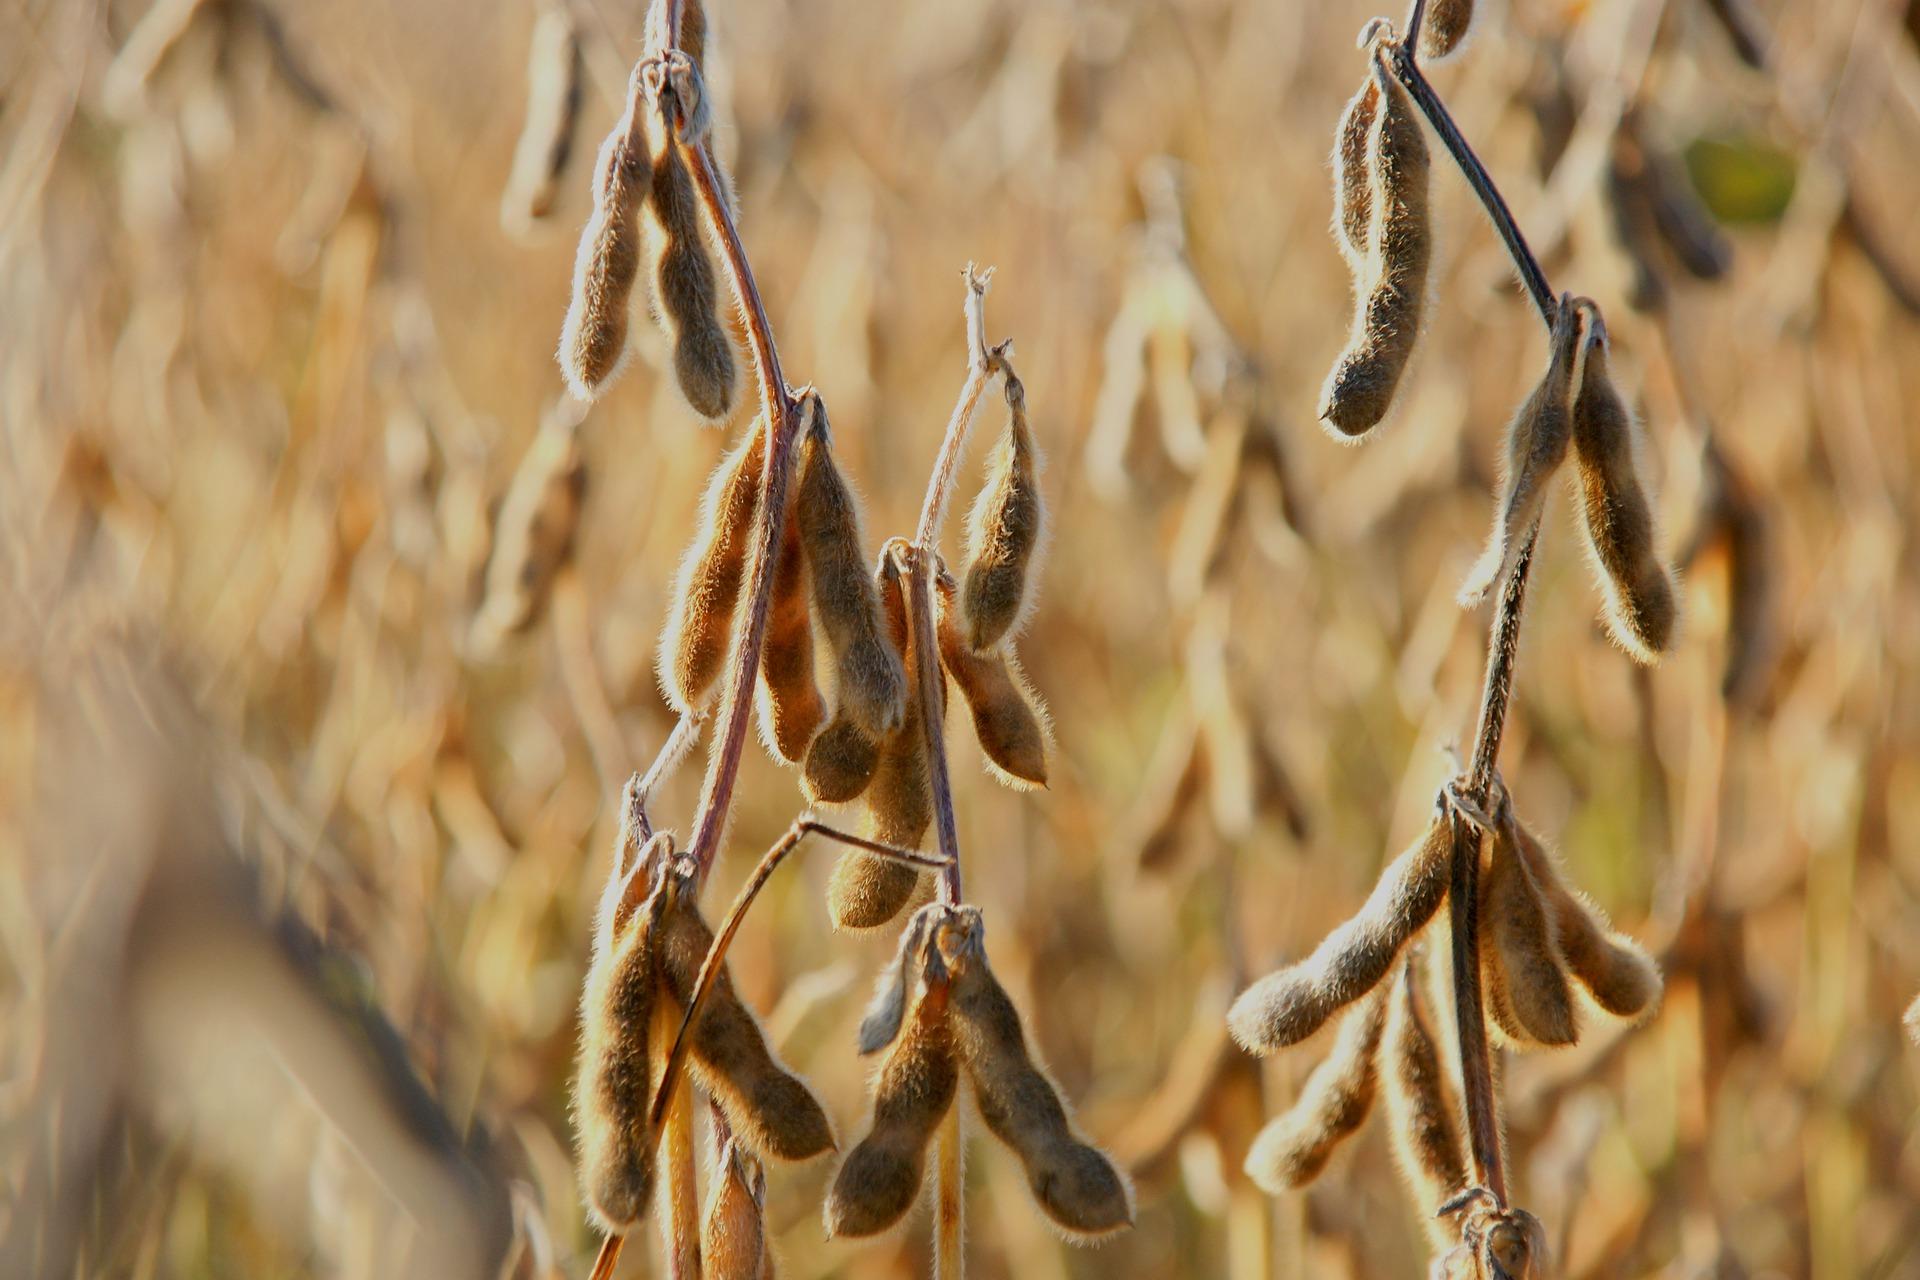 У 2020/21 МР прогнозується збільшення світового експорту соєвих бобів